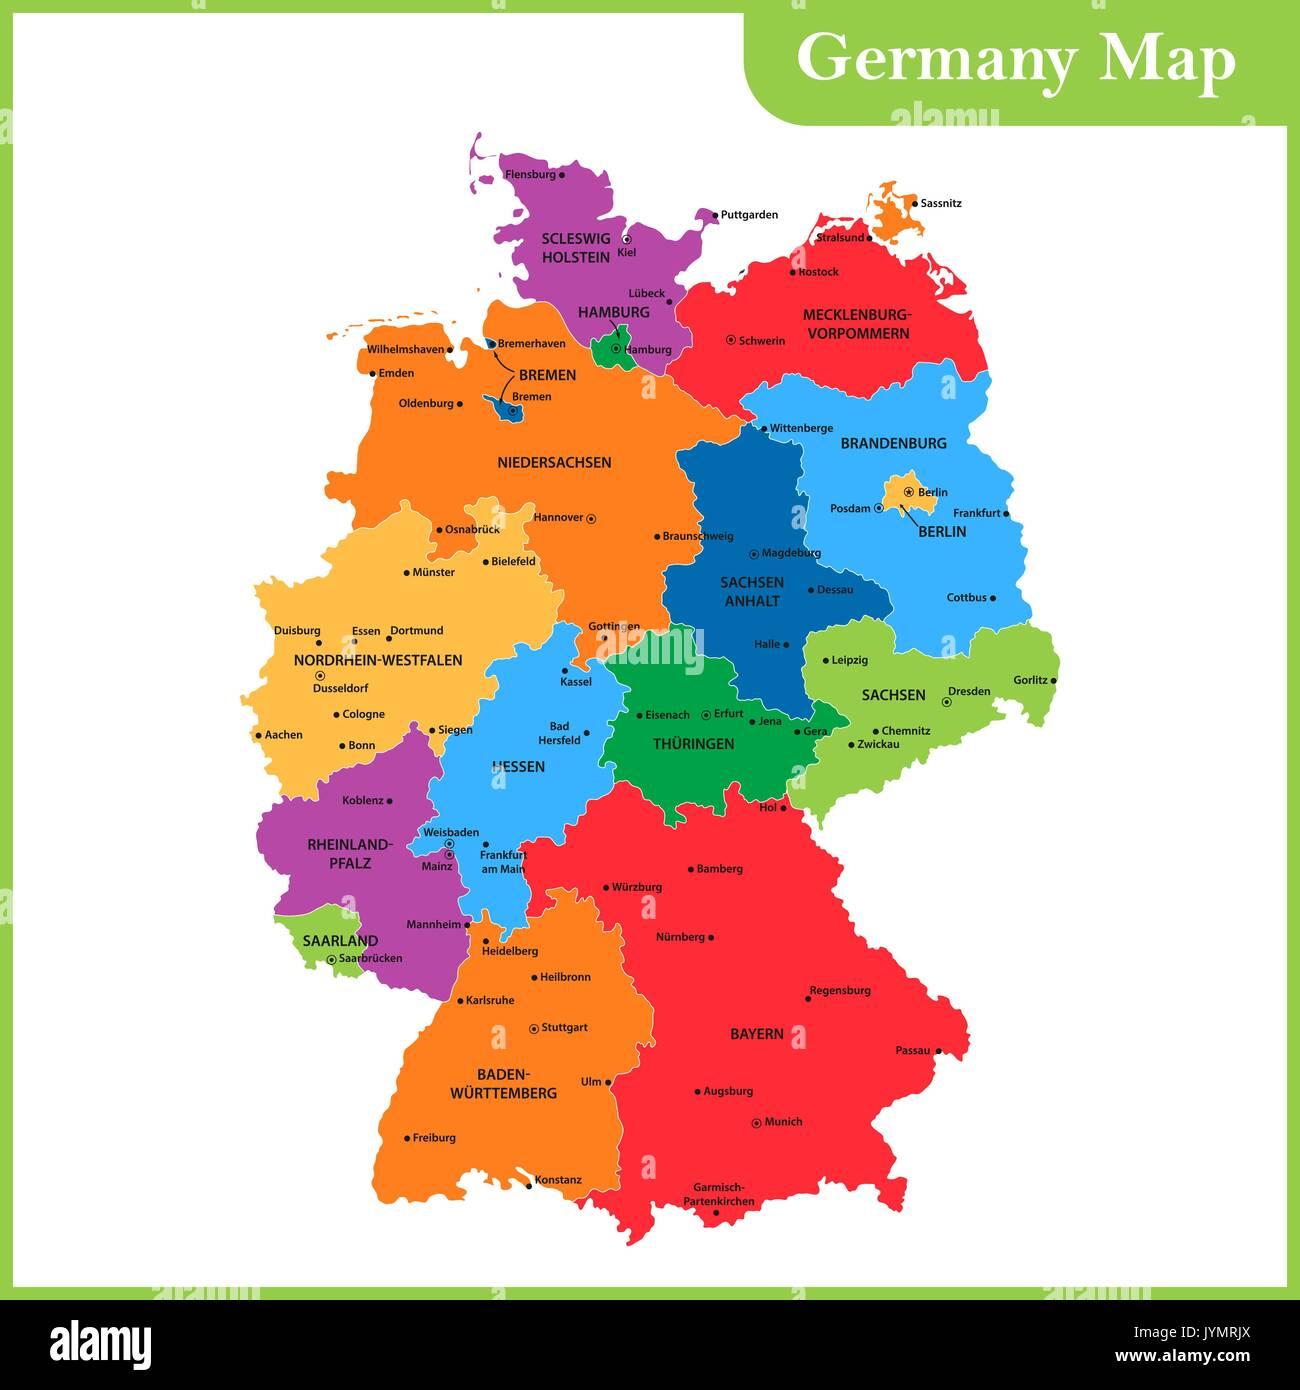 Die Detaillierte Karte Der Deutschland Mit Regionen Oder Staaten